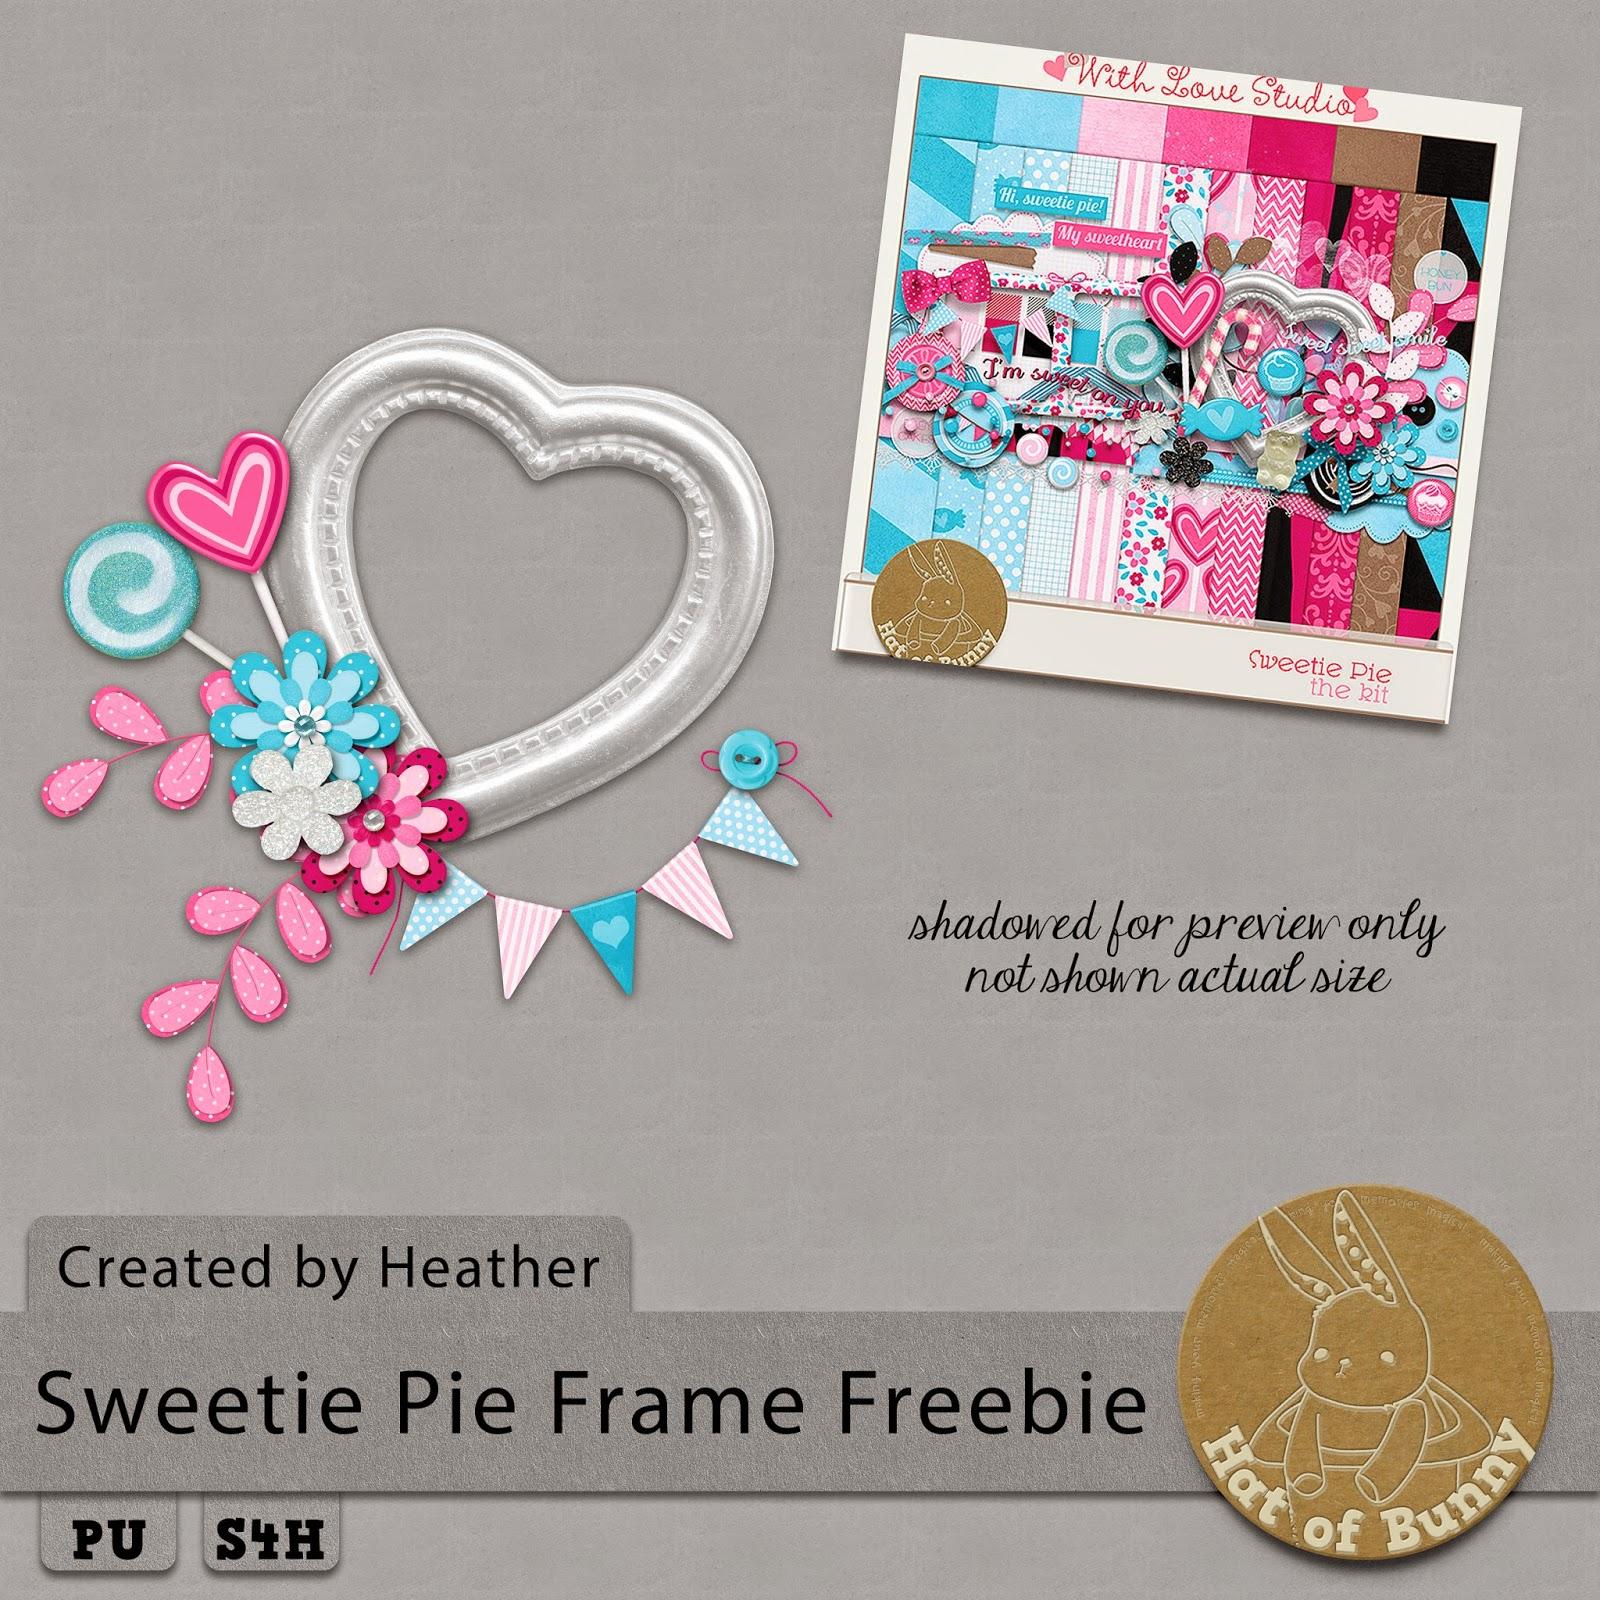 http://www.mediafire.com/download/9n5w56urx1e5dbq/Sweetie_Pie_Frame_Freebie.zip